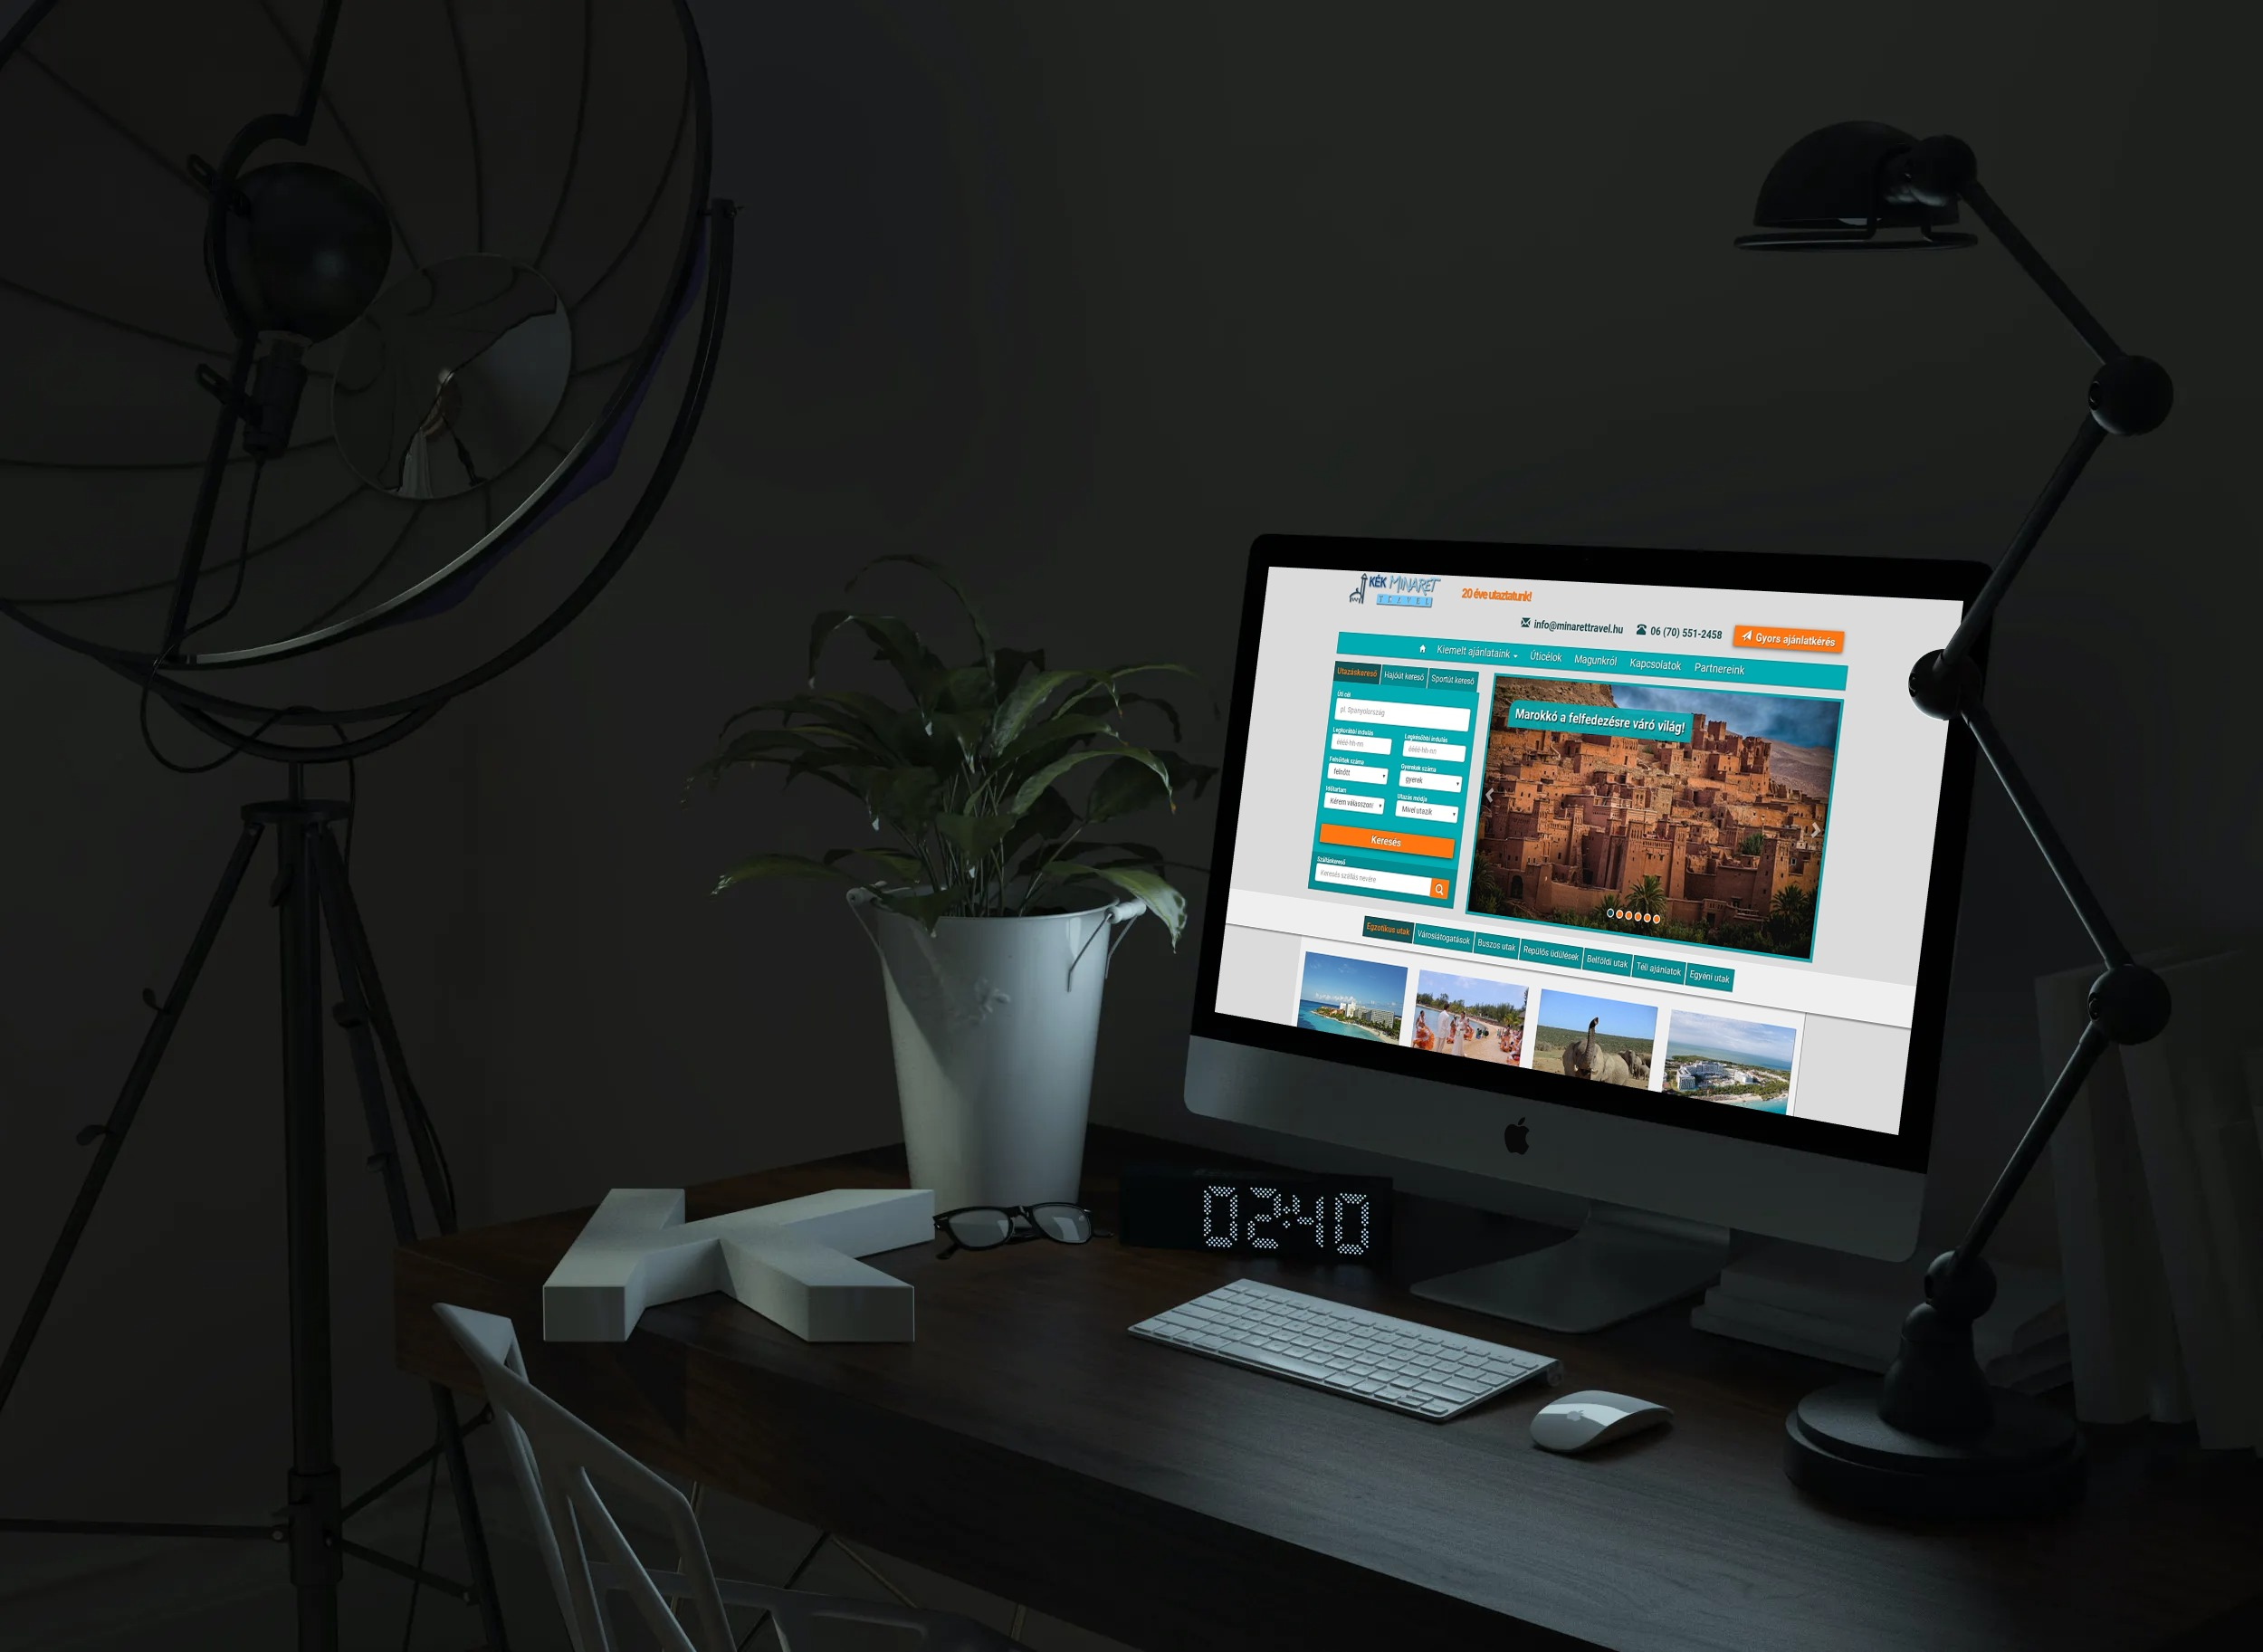 minarettravel.hu weboldal megjelenése asztali PC-n